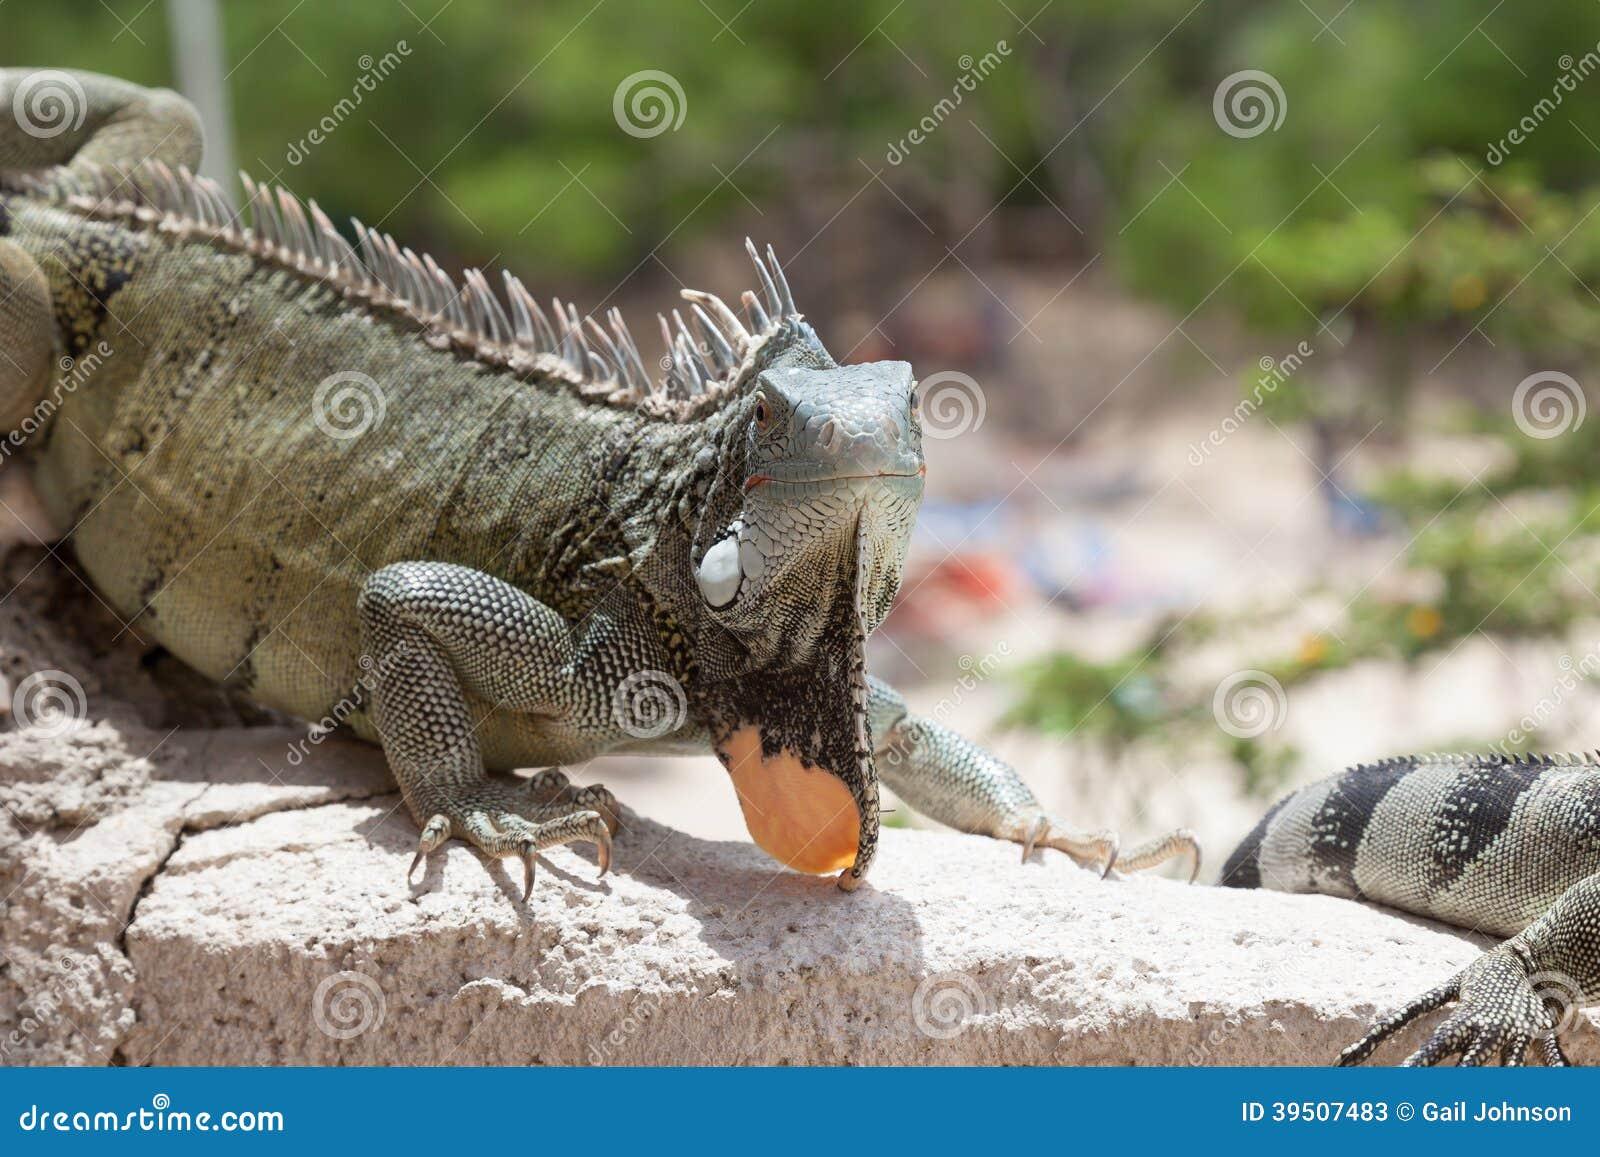 Iguana on a wall